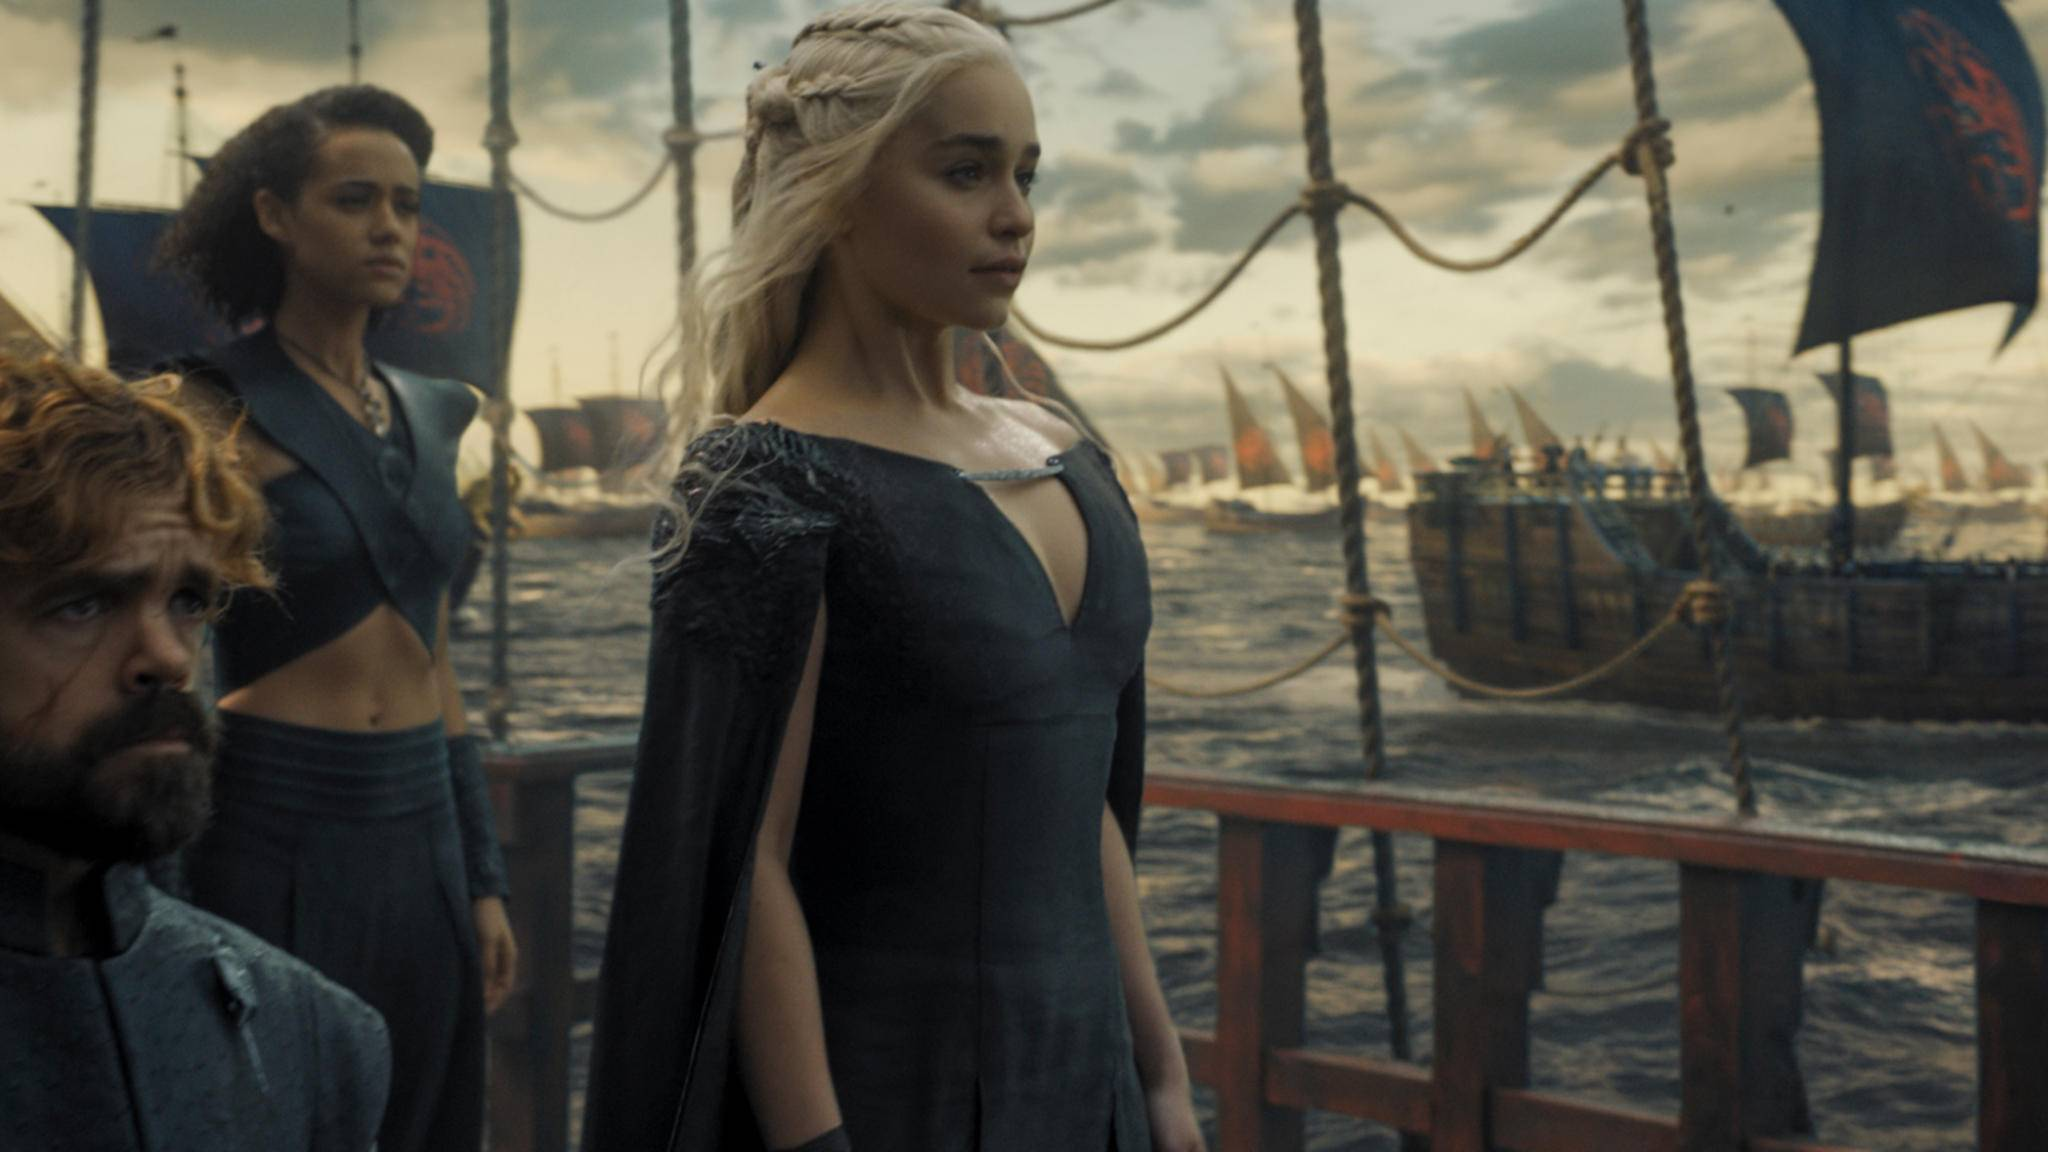 Der Konflikt um Westeros spitzt sich zu: Daenerys Targaryen ist endlich gelandet und die Weißen Wanderer machen Ärger.